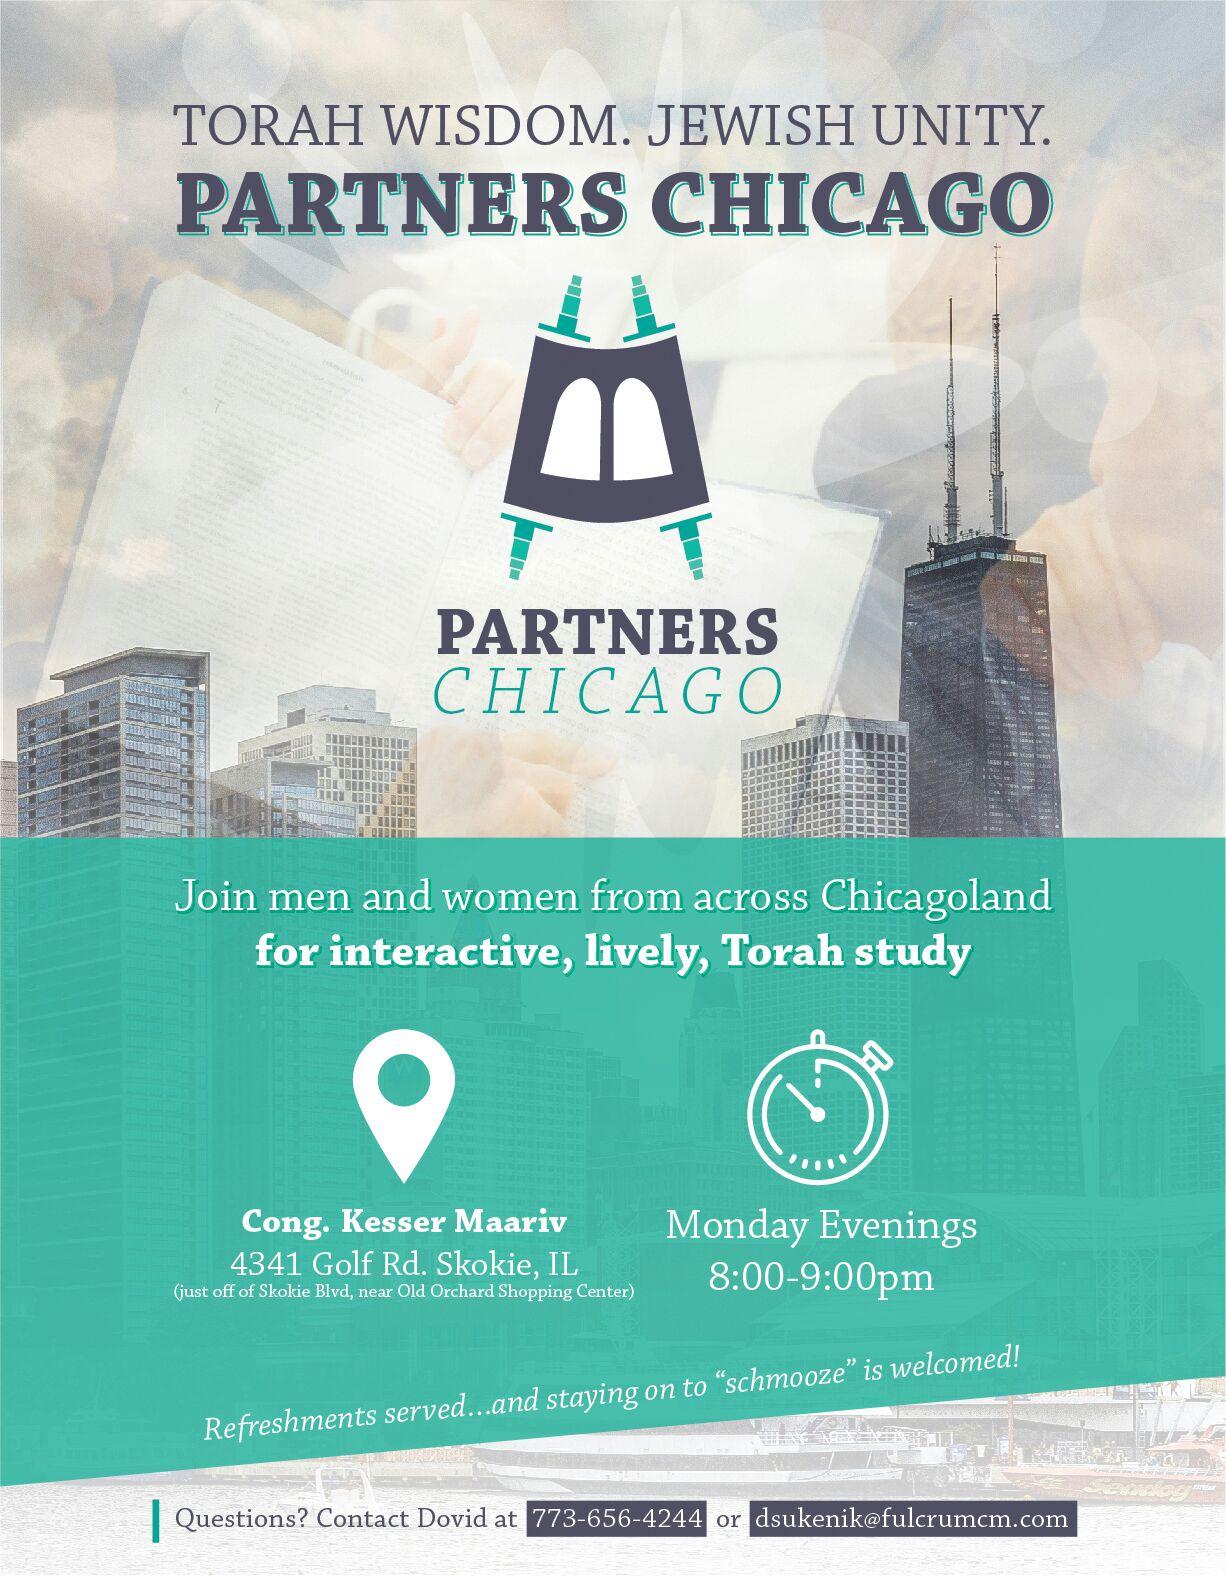 en på en matchmaking chicago er homoseksuelle dating sites sikkert